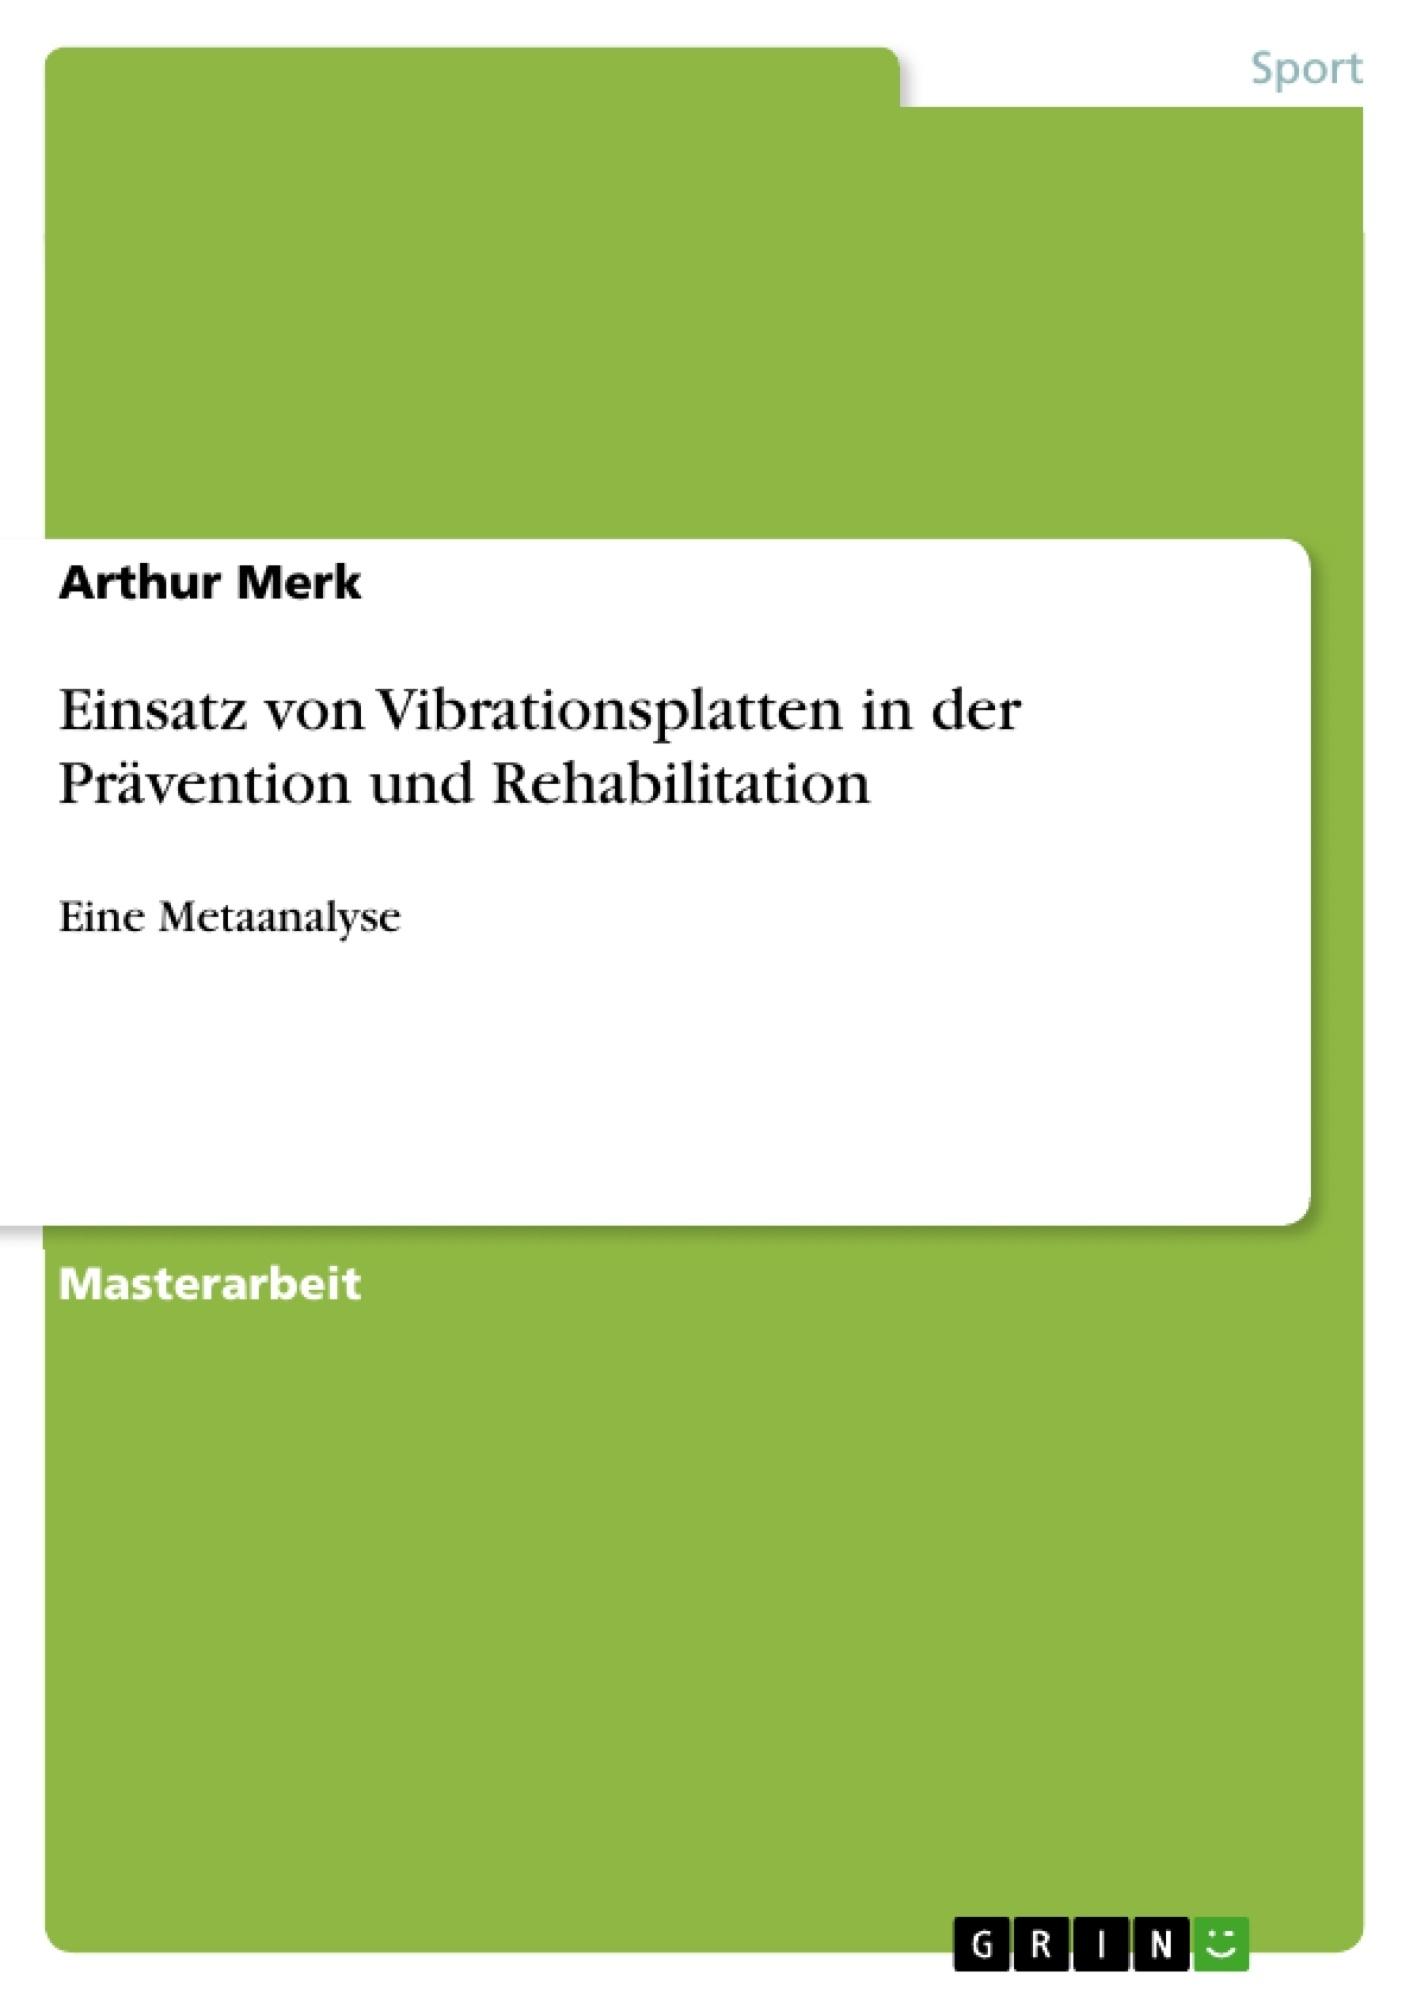 Titel: Einsatz von Vibrationsplatten in der Prävention und Rehabilitation